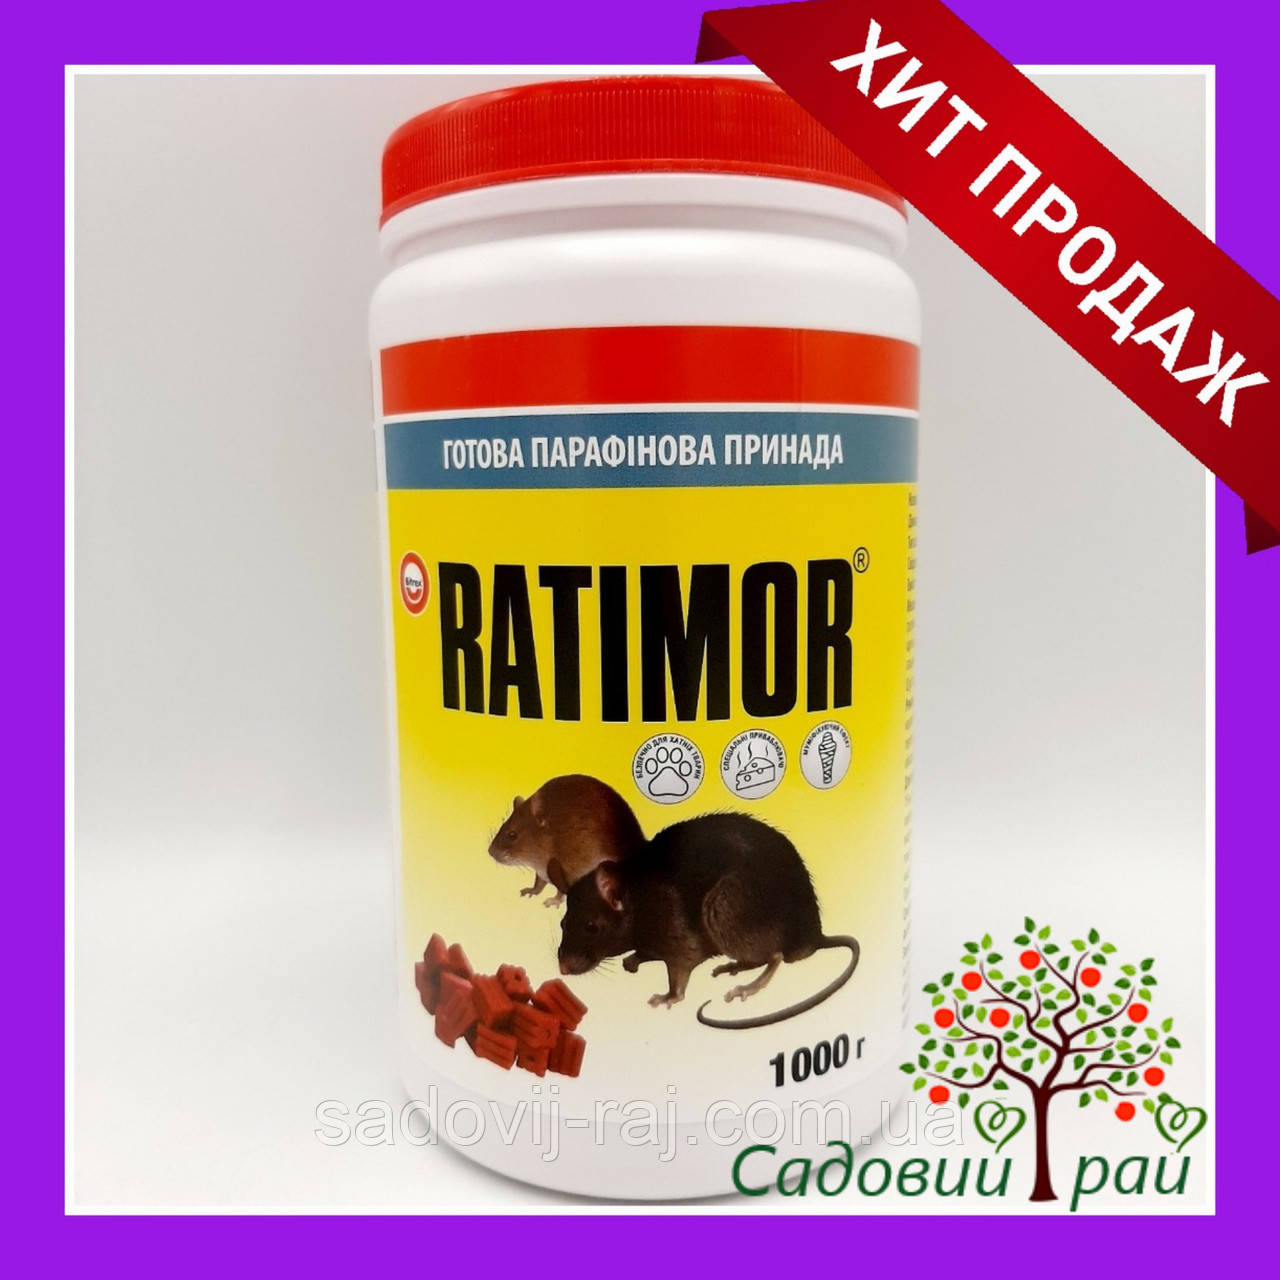 Родентицид Ратимор 1 кг от крыс и мышей с мумификатотом (бромадиолон 0,005%) VAG-Groupe (Словения)